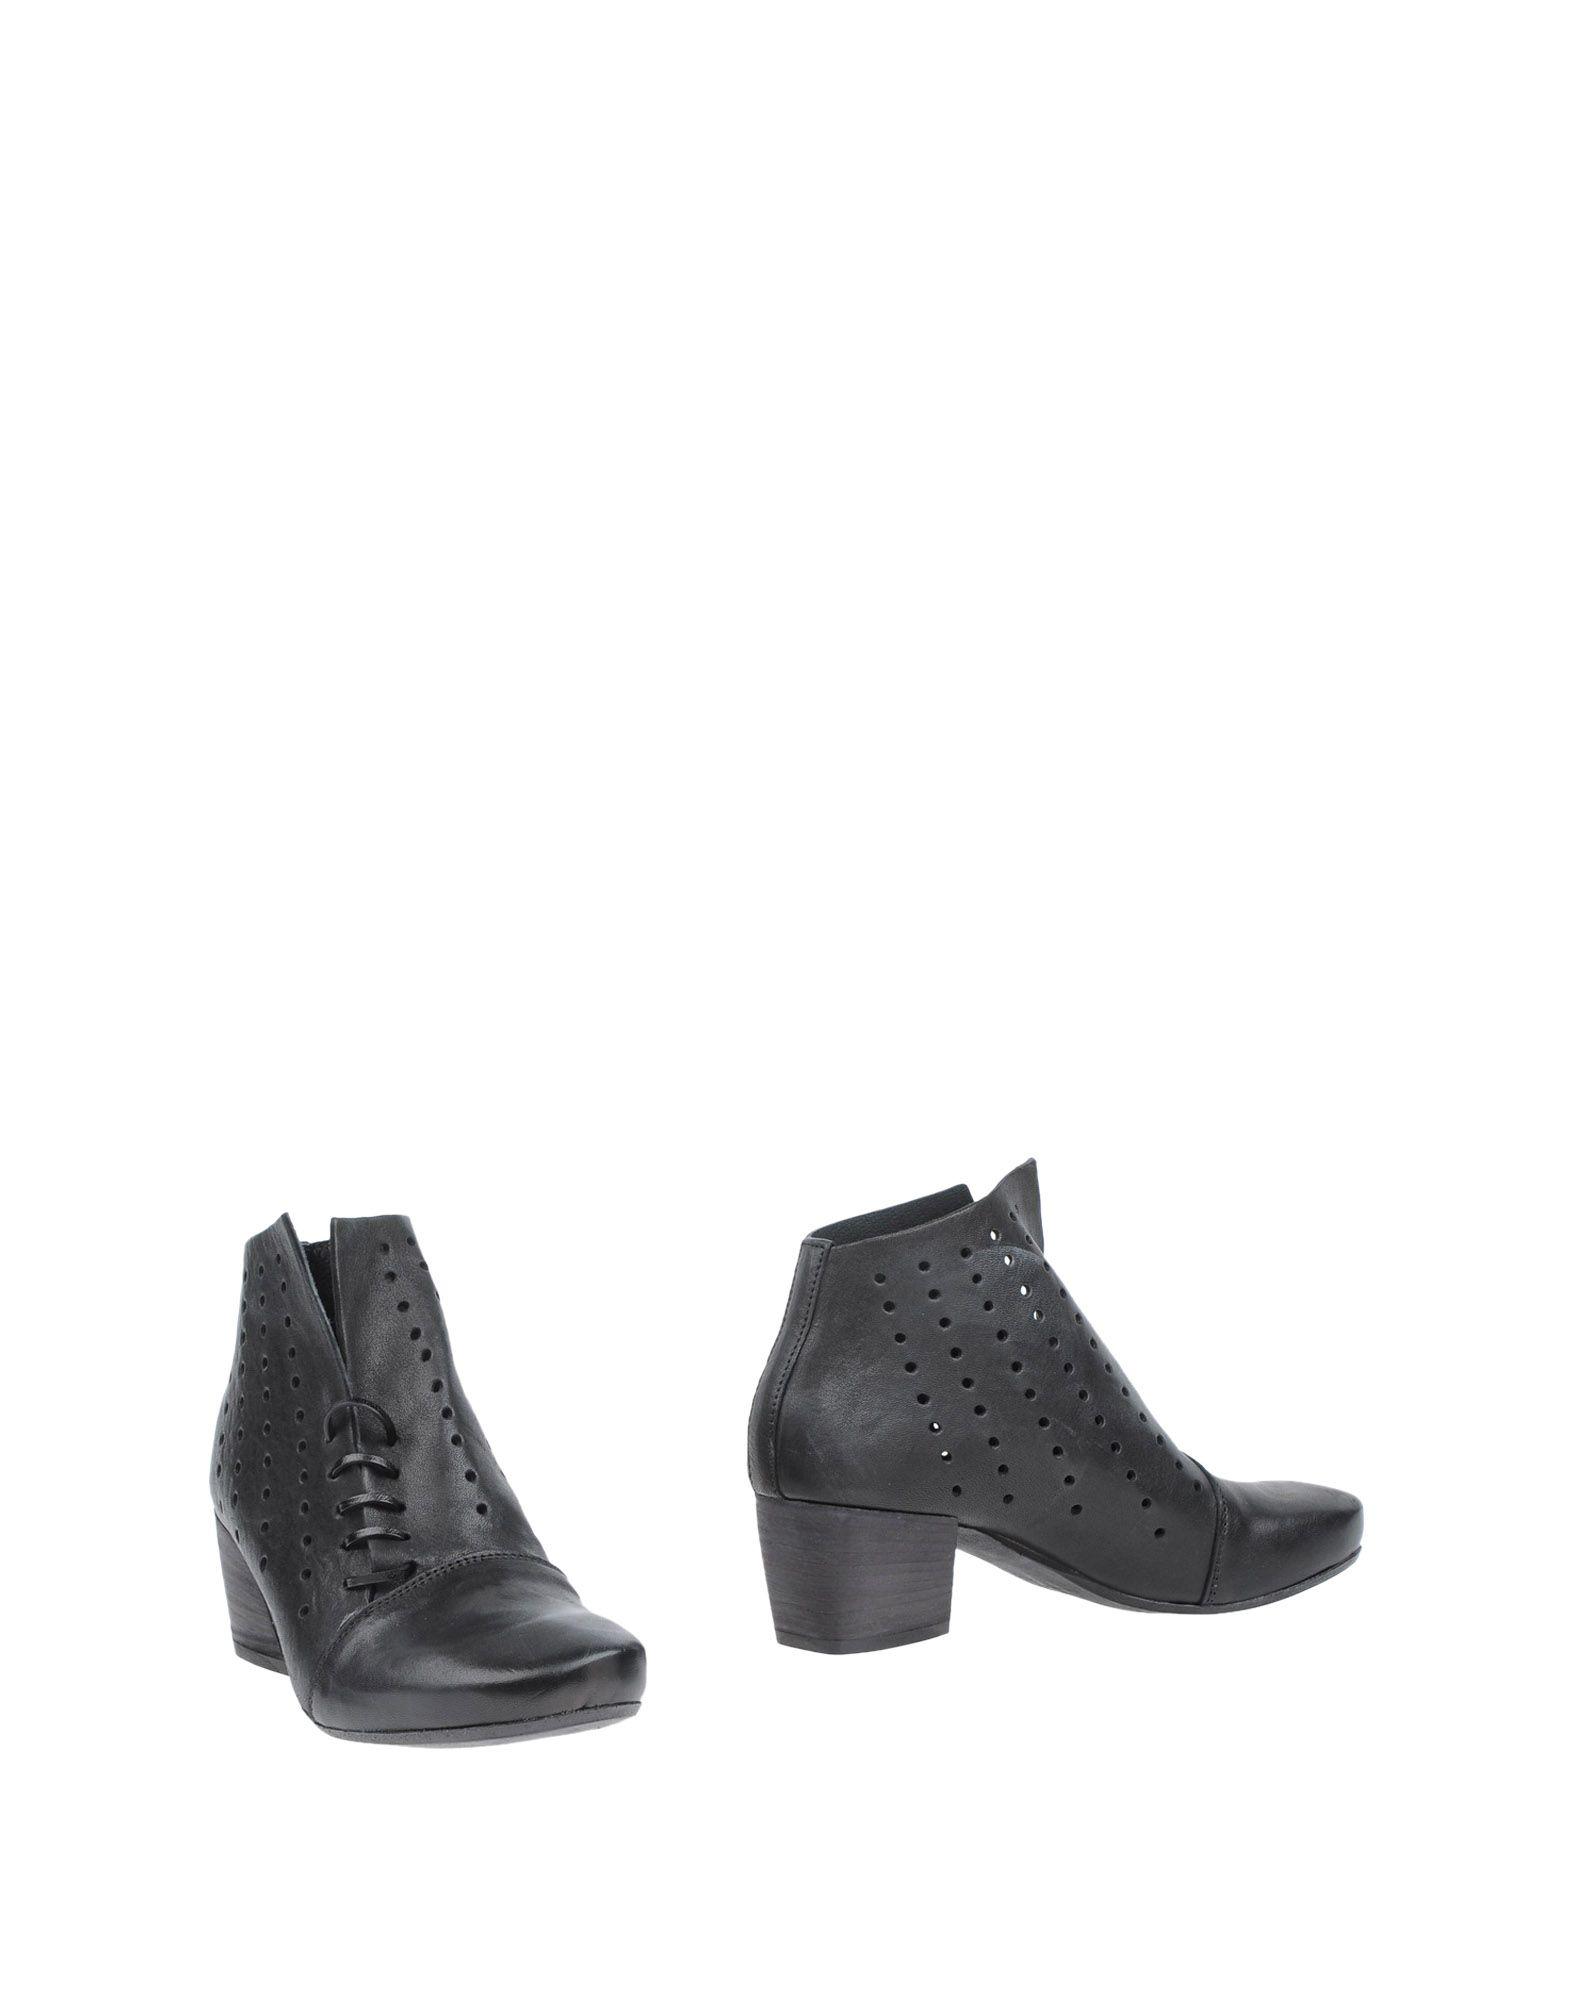 1725.A Damen Stiefelette Damen 1725.A  11332701FA Gute Qualität beliebte Schuhe 66c328